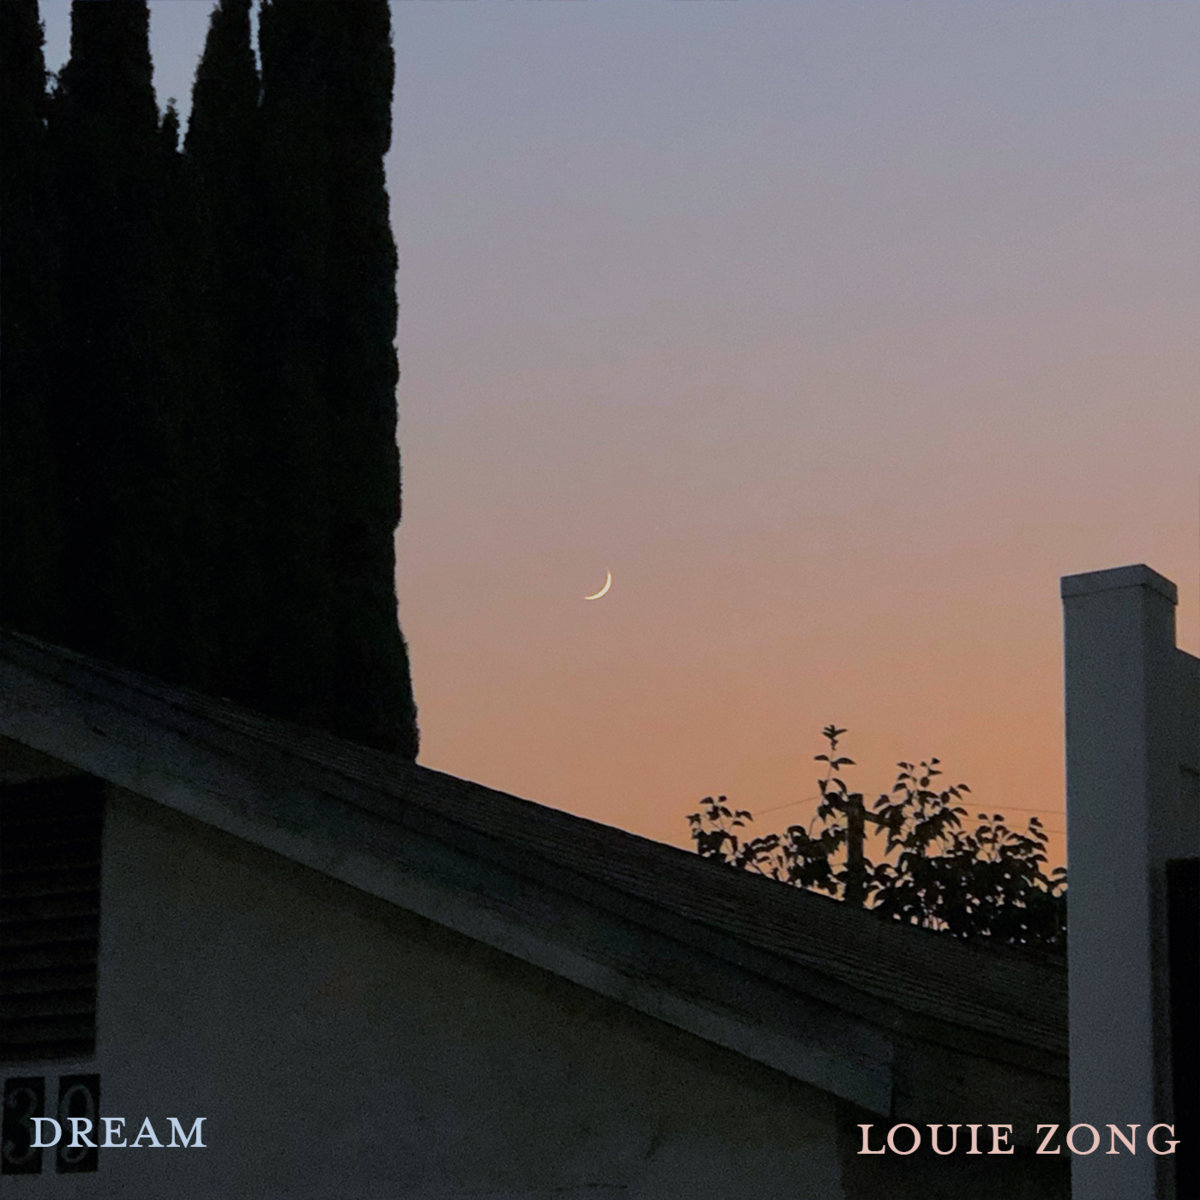 D'Un Jardin Clair   Louie Zong encequiconcerne D'Un Jardin Claire